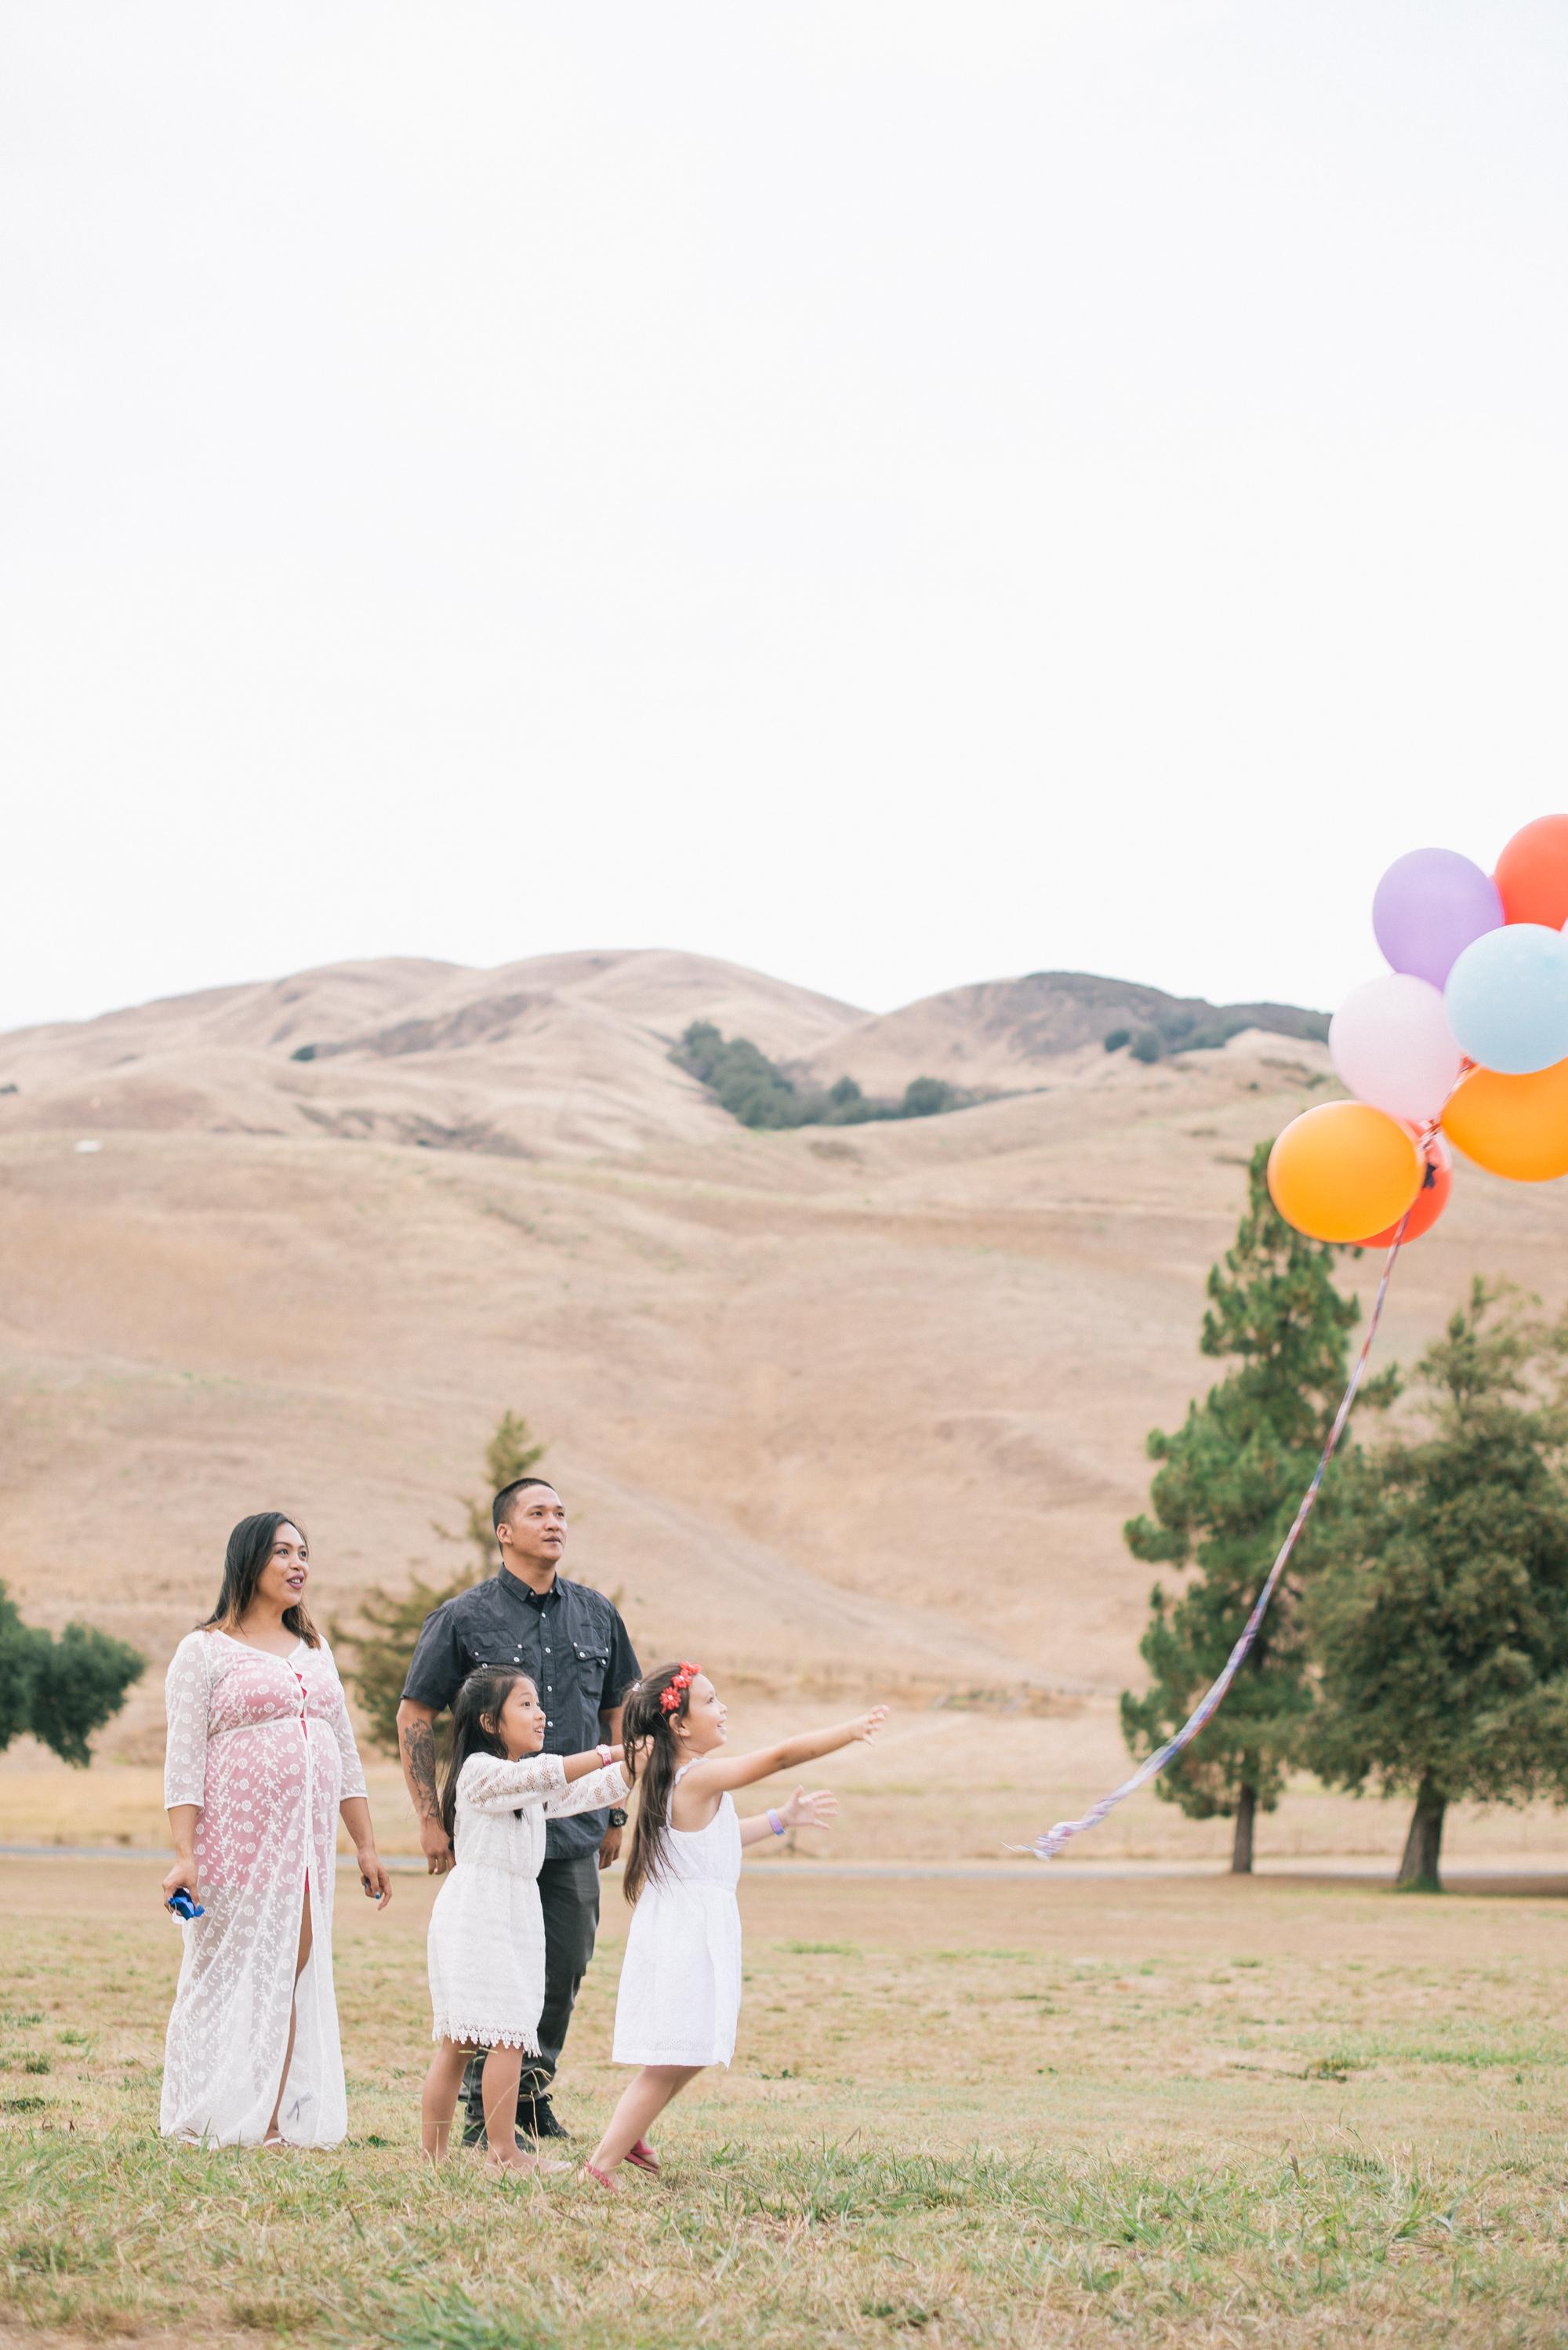 melissademata.com | Family Maternity Photography